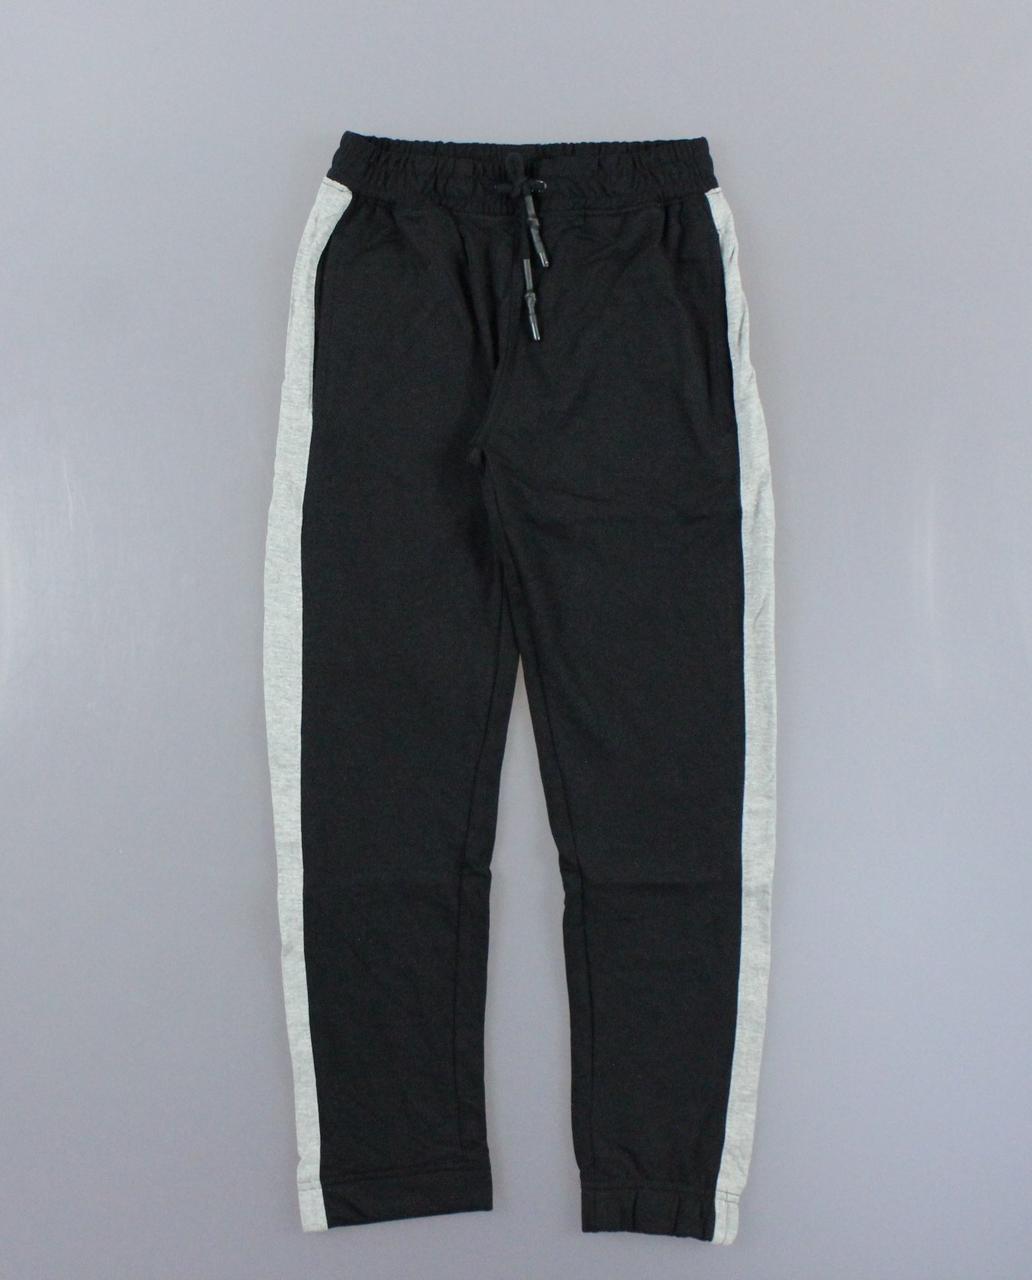 {є:134} Спортивні штани для хлопчиків Glo-Story, Артикул: BRT0387 [134]